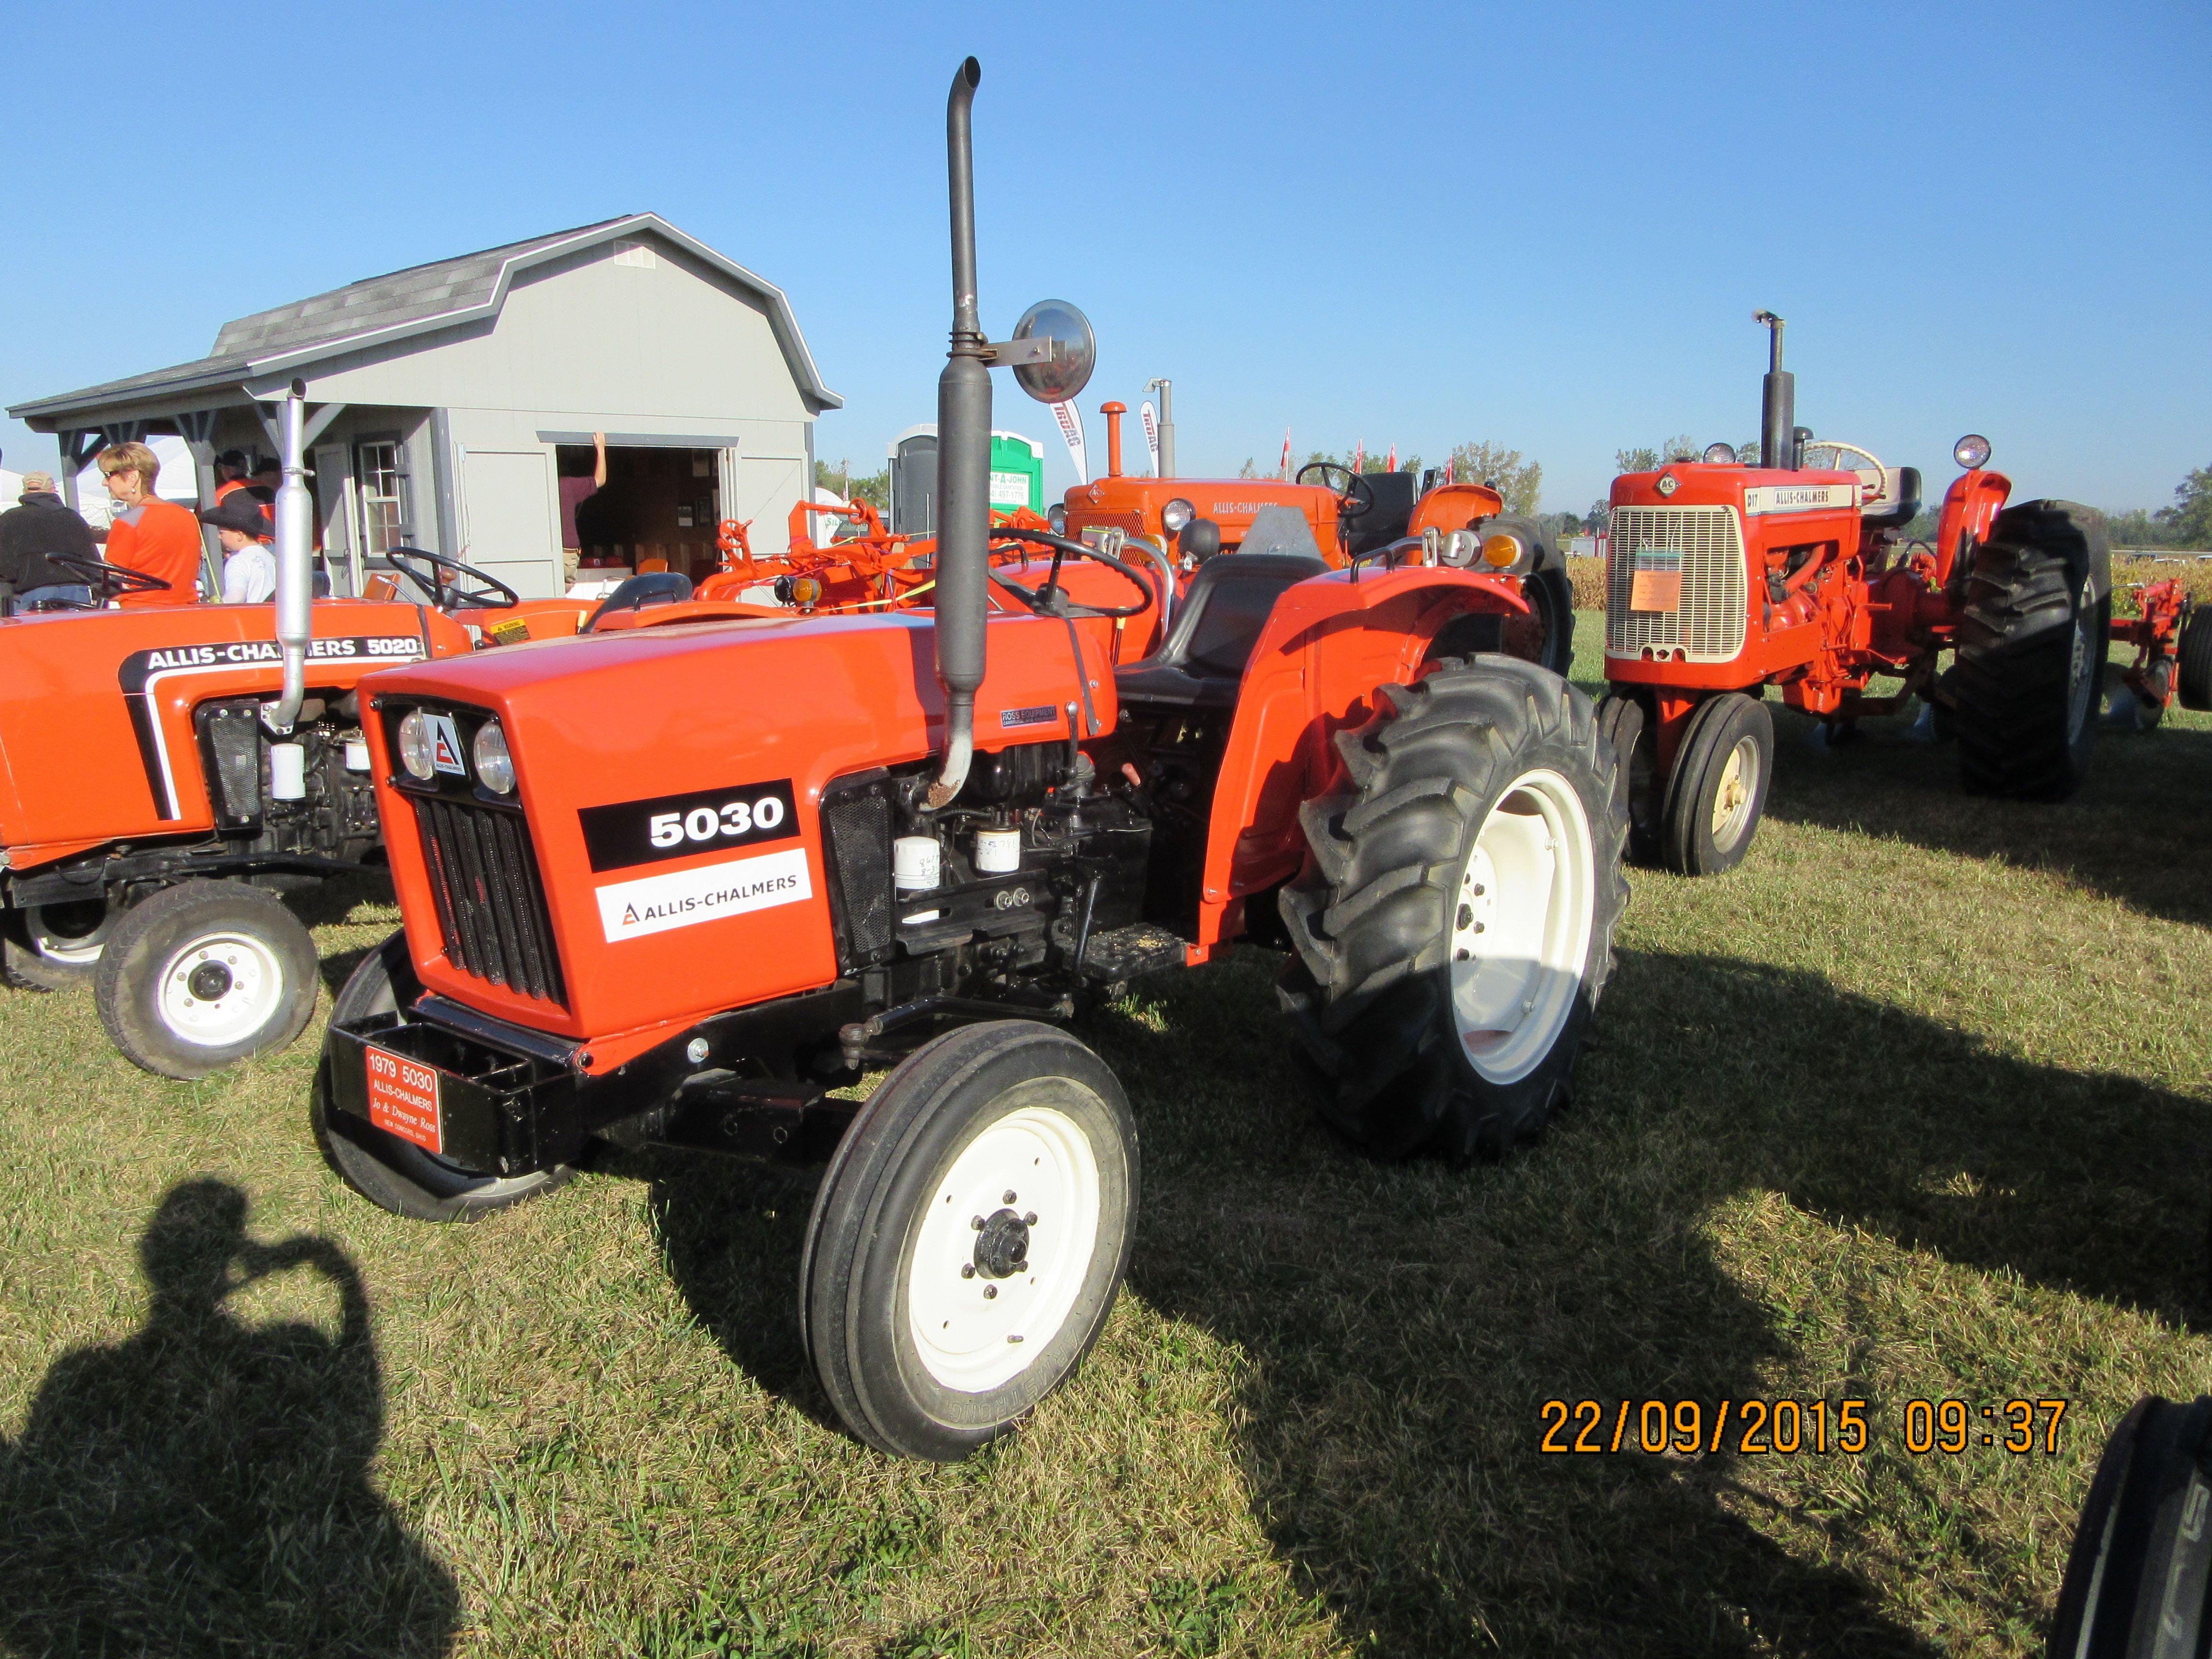 26hp Allis Chalmers 5030 | Allis-Chalmers | Allis chalmers tractors